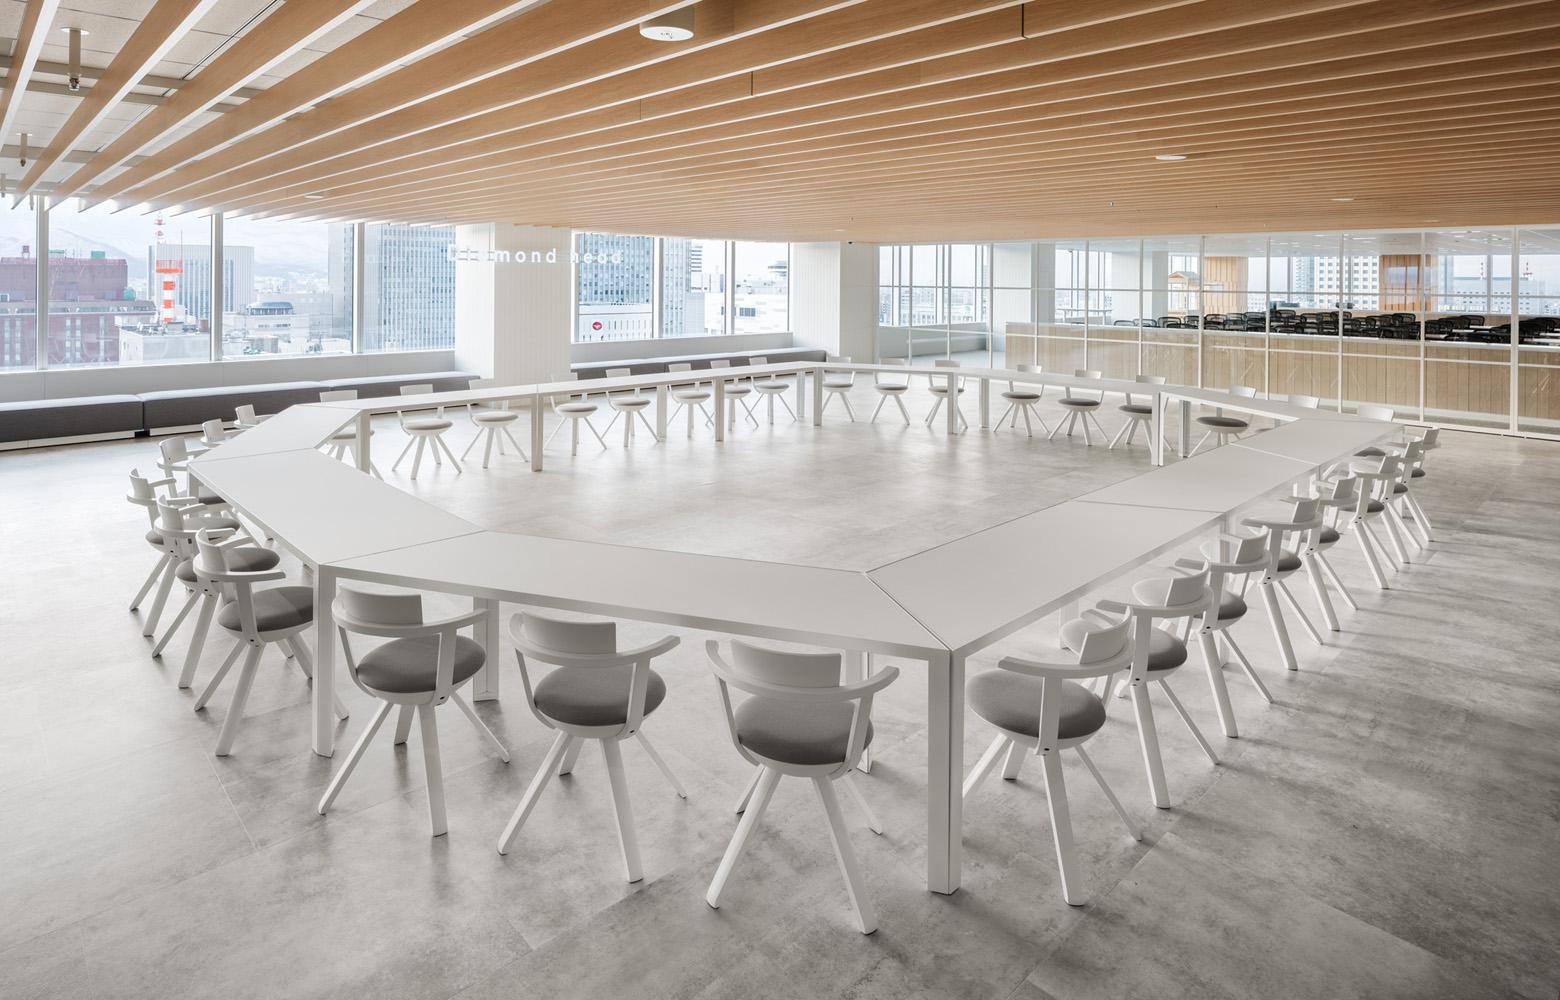 ダイアモンドヘッド株式会社  Sapporo Office Free Space_2 デザイン・レイアウト事例